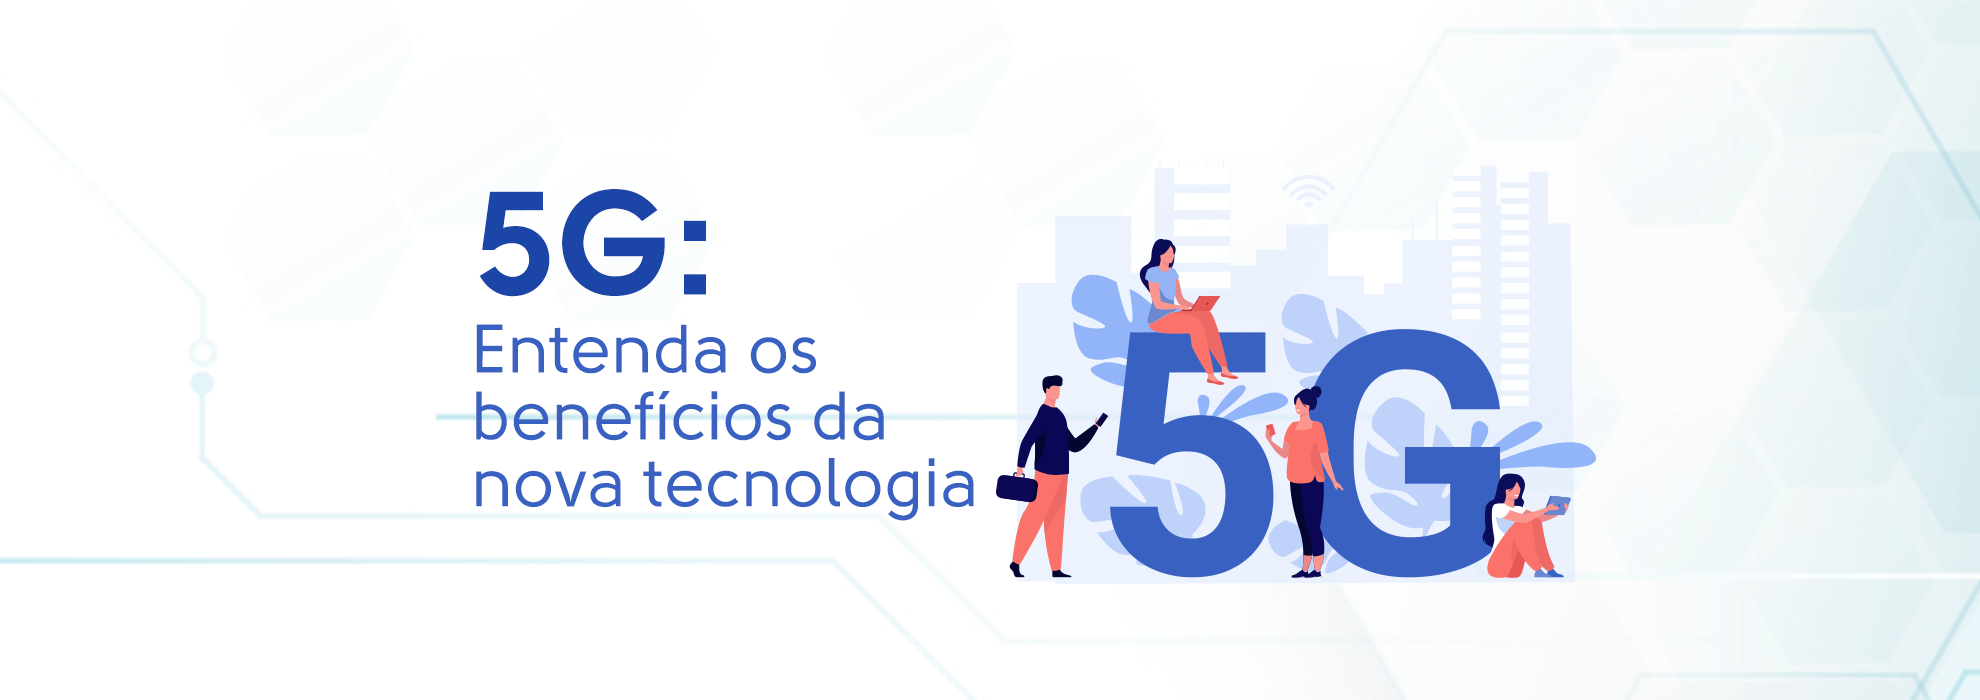 5g benefícios da nova tecnologia